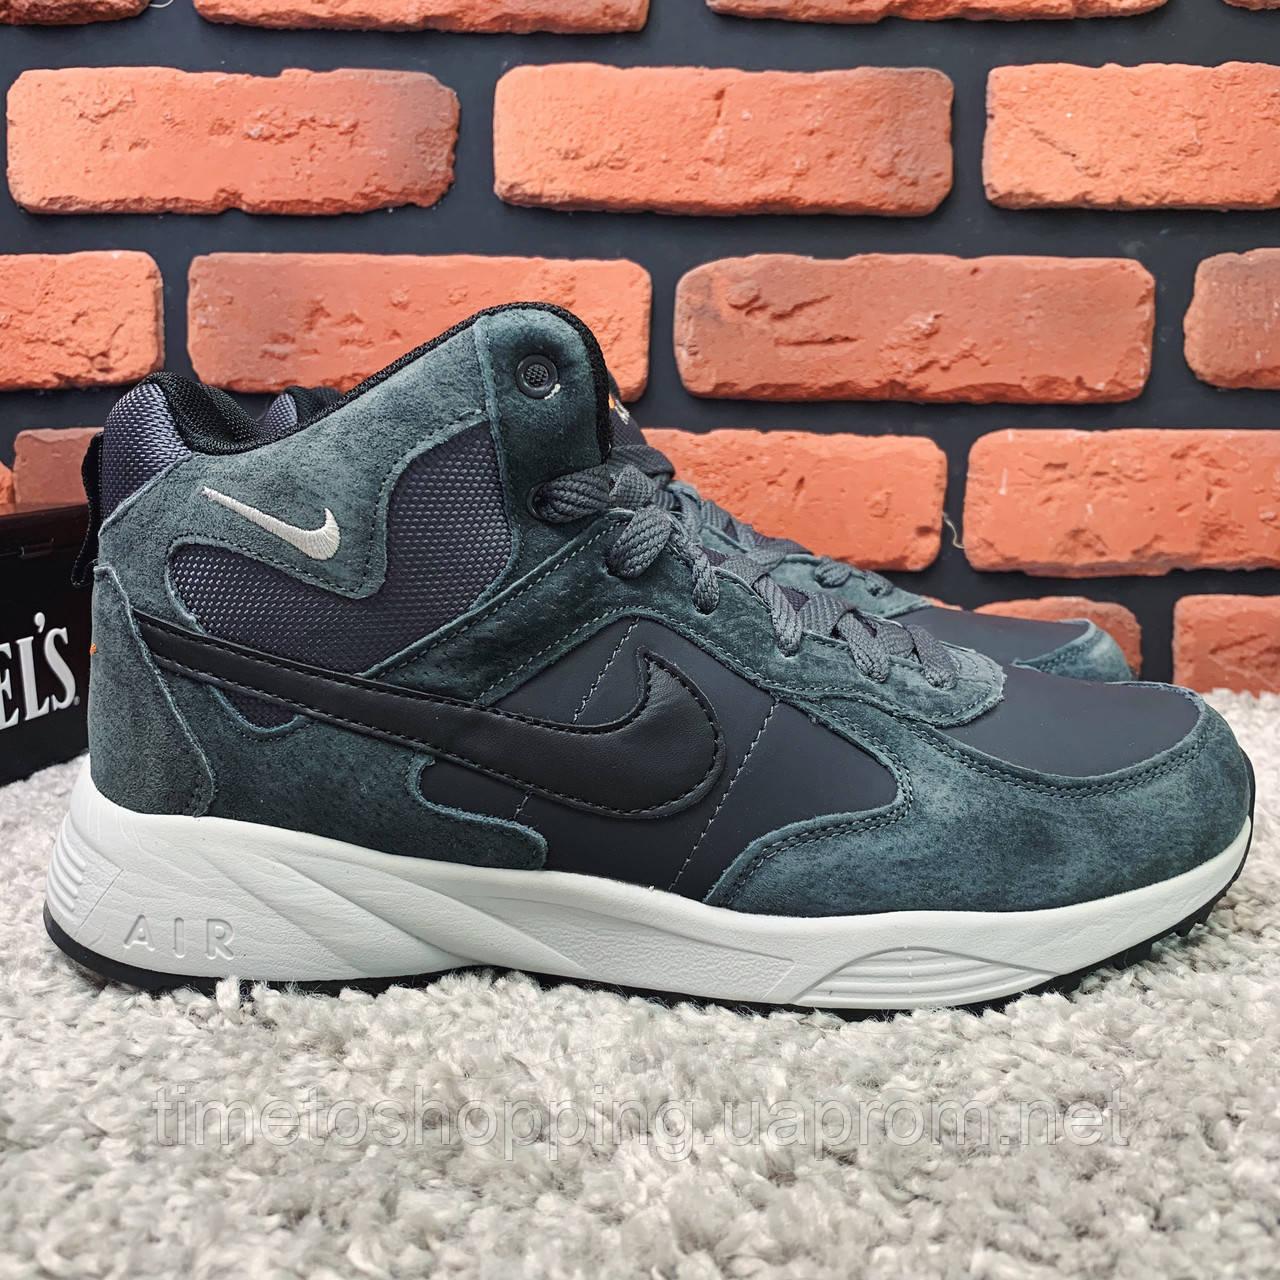 Зимові черевики (НА ХУТРІ) чоловічі Nike Air Max 1-119 ⏩РОЗМІР [ 43,46 ]